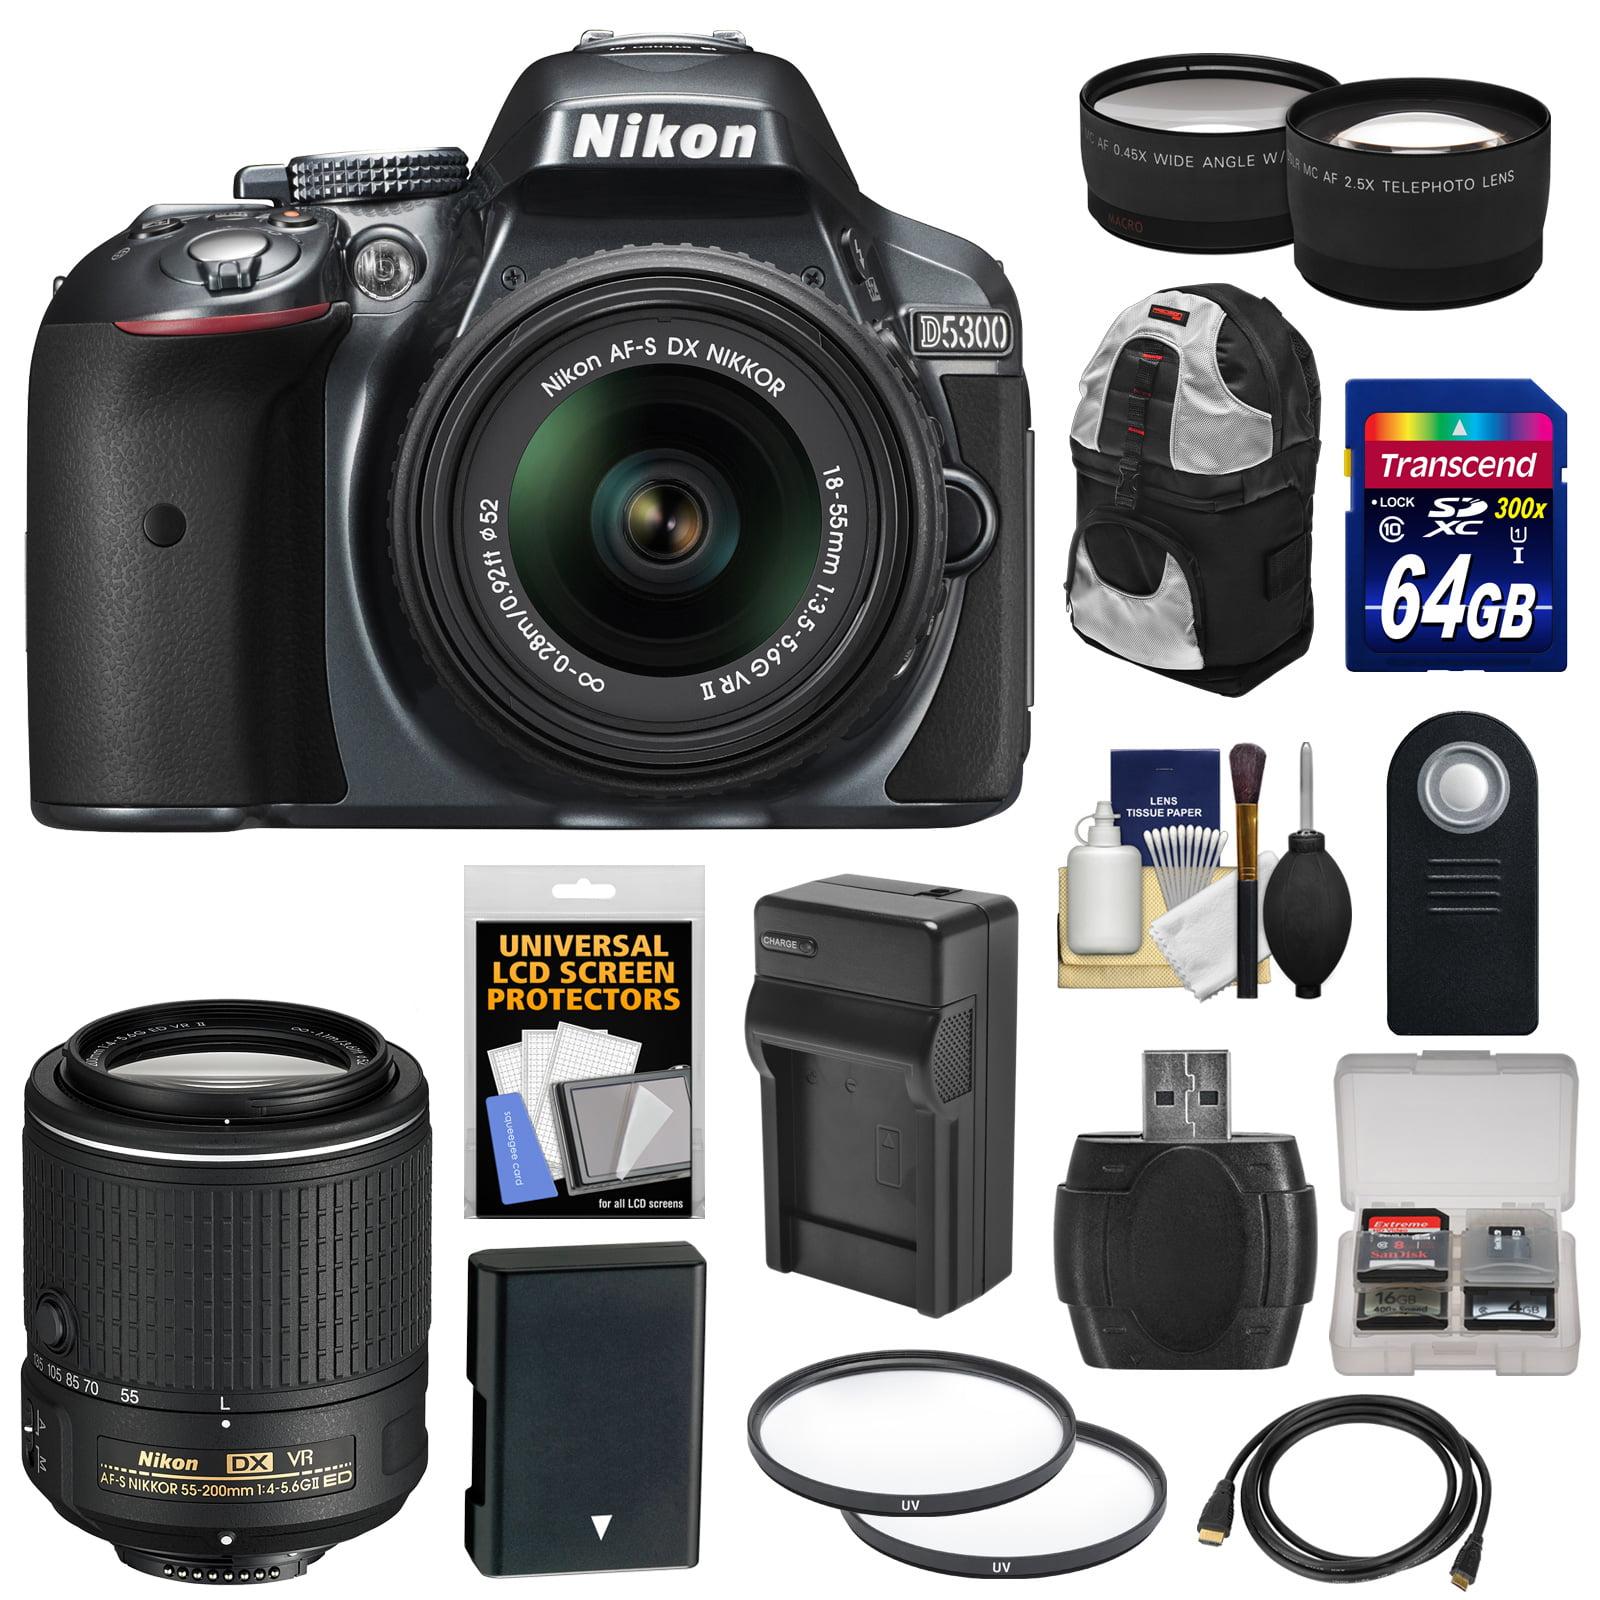 Nikon D5300 Digital SLR Camera & 18-55mm G VR II Lens (Grey) with 55-200mm VR II Lens + 64GB Card + Backpack + Battery & Charger + Tele/Wide Lens Kit